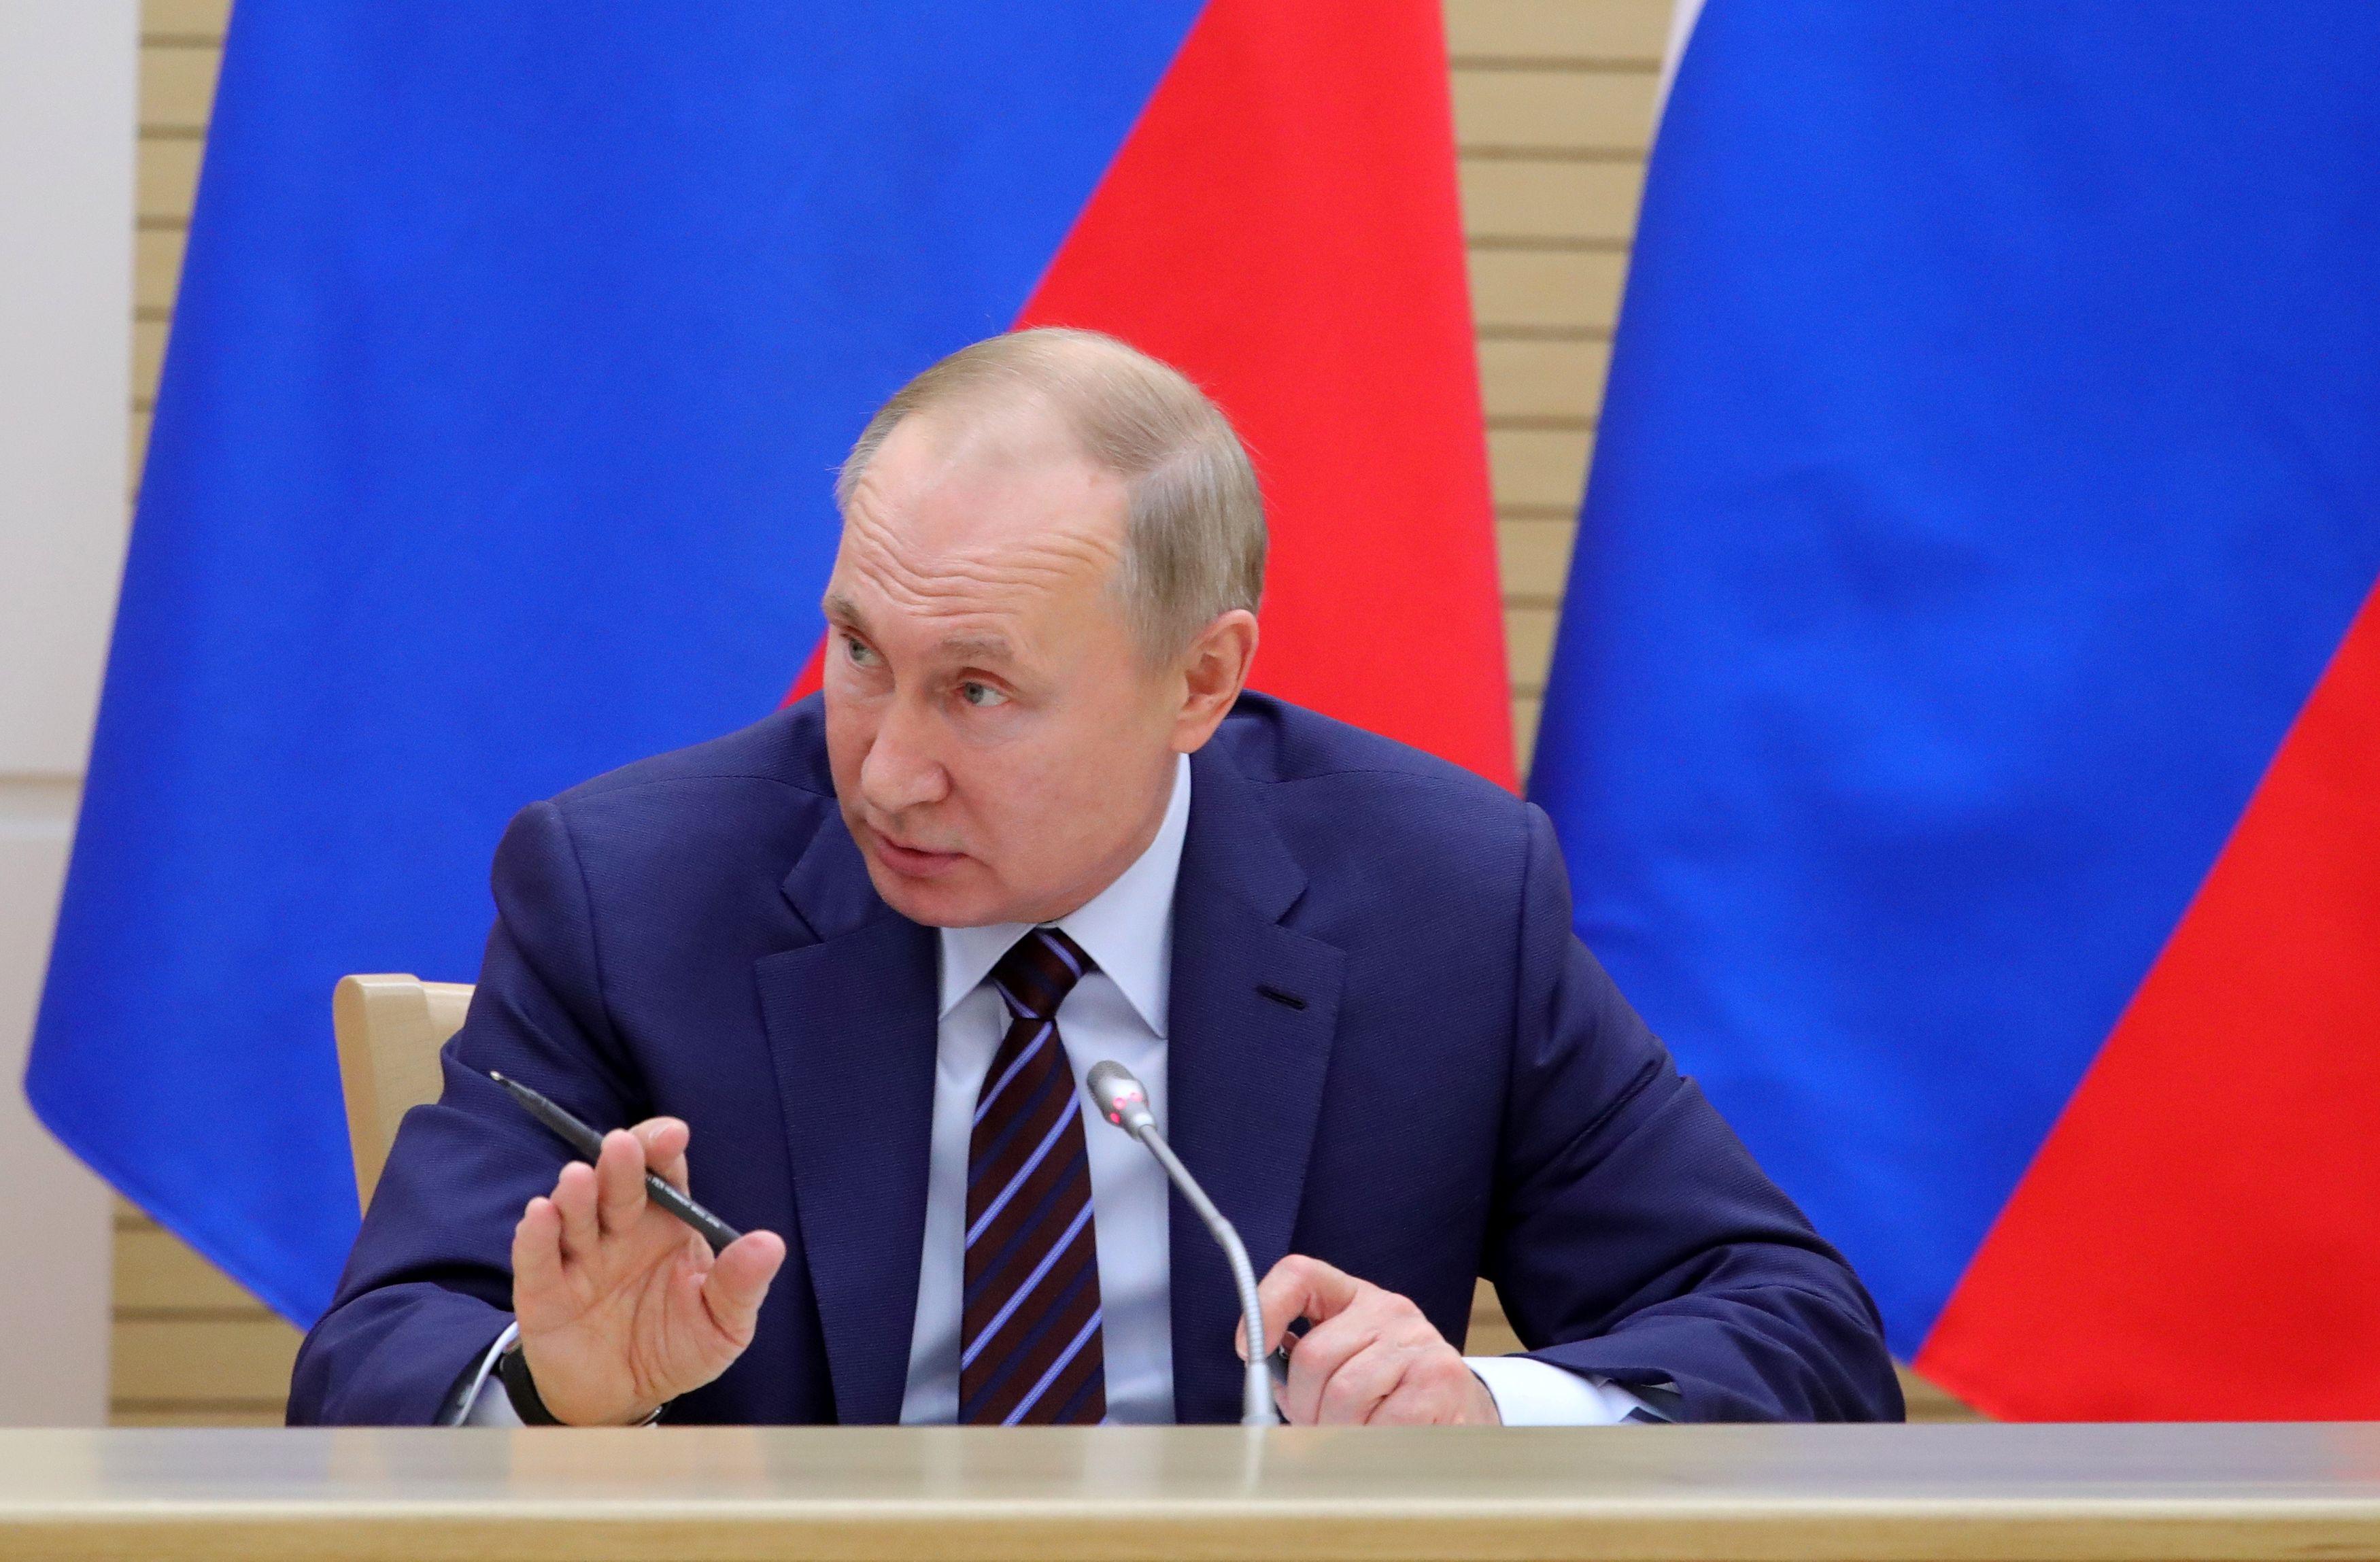 2020-01-16t130821z_1892664869_rc21he9qjfot_rtrmadp_5_russia-politics-putin